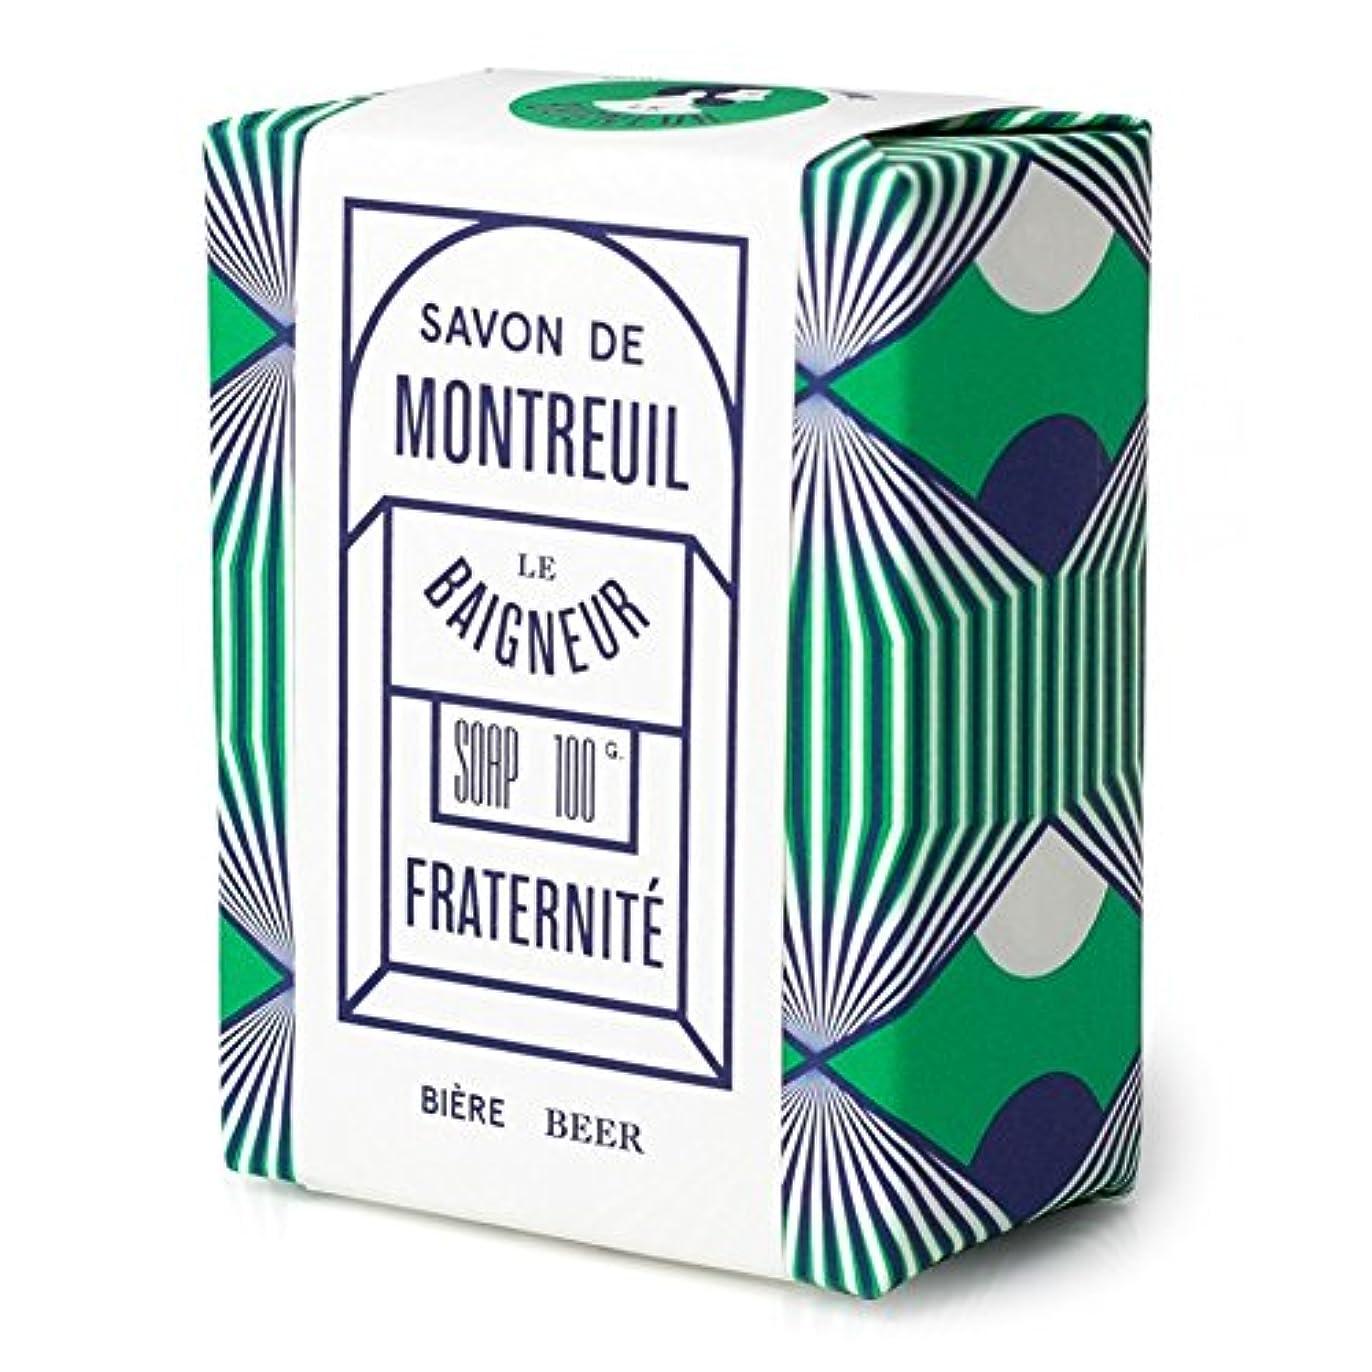 暗唱する訴える記述するル 石鹸100グラム x2 - Le Baigneur Fraternite Soap 100g (Pack of 2) [並行輸入品]